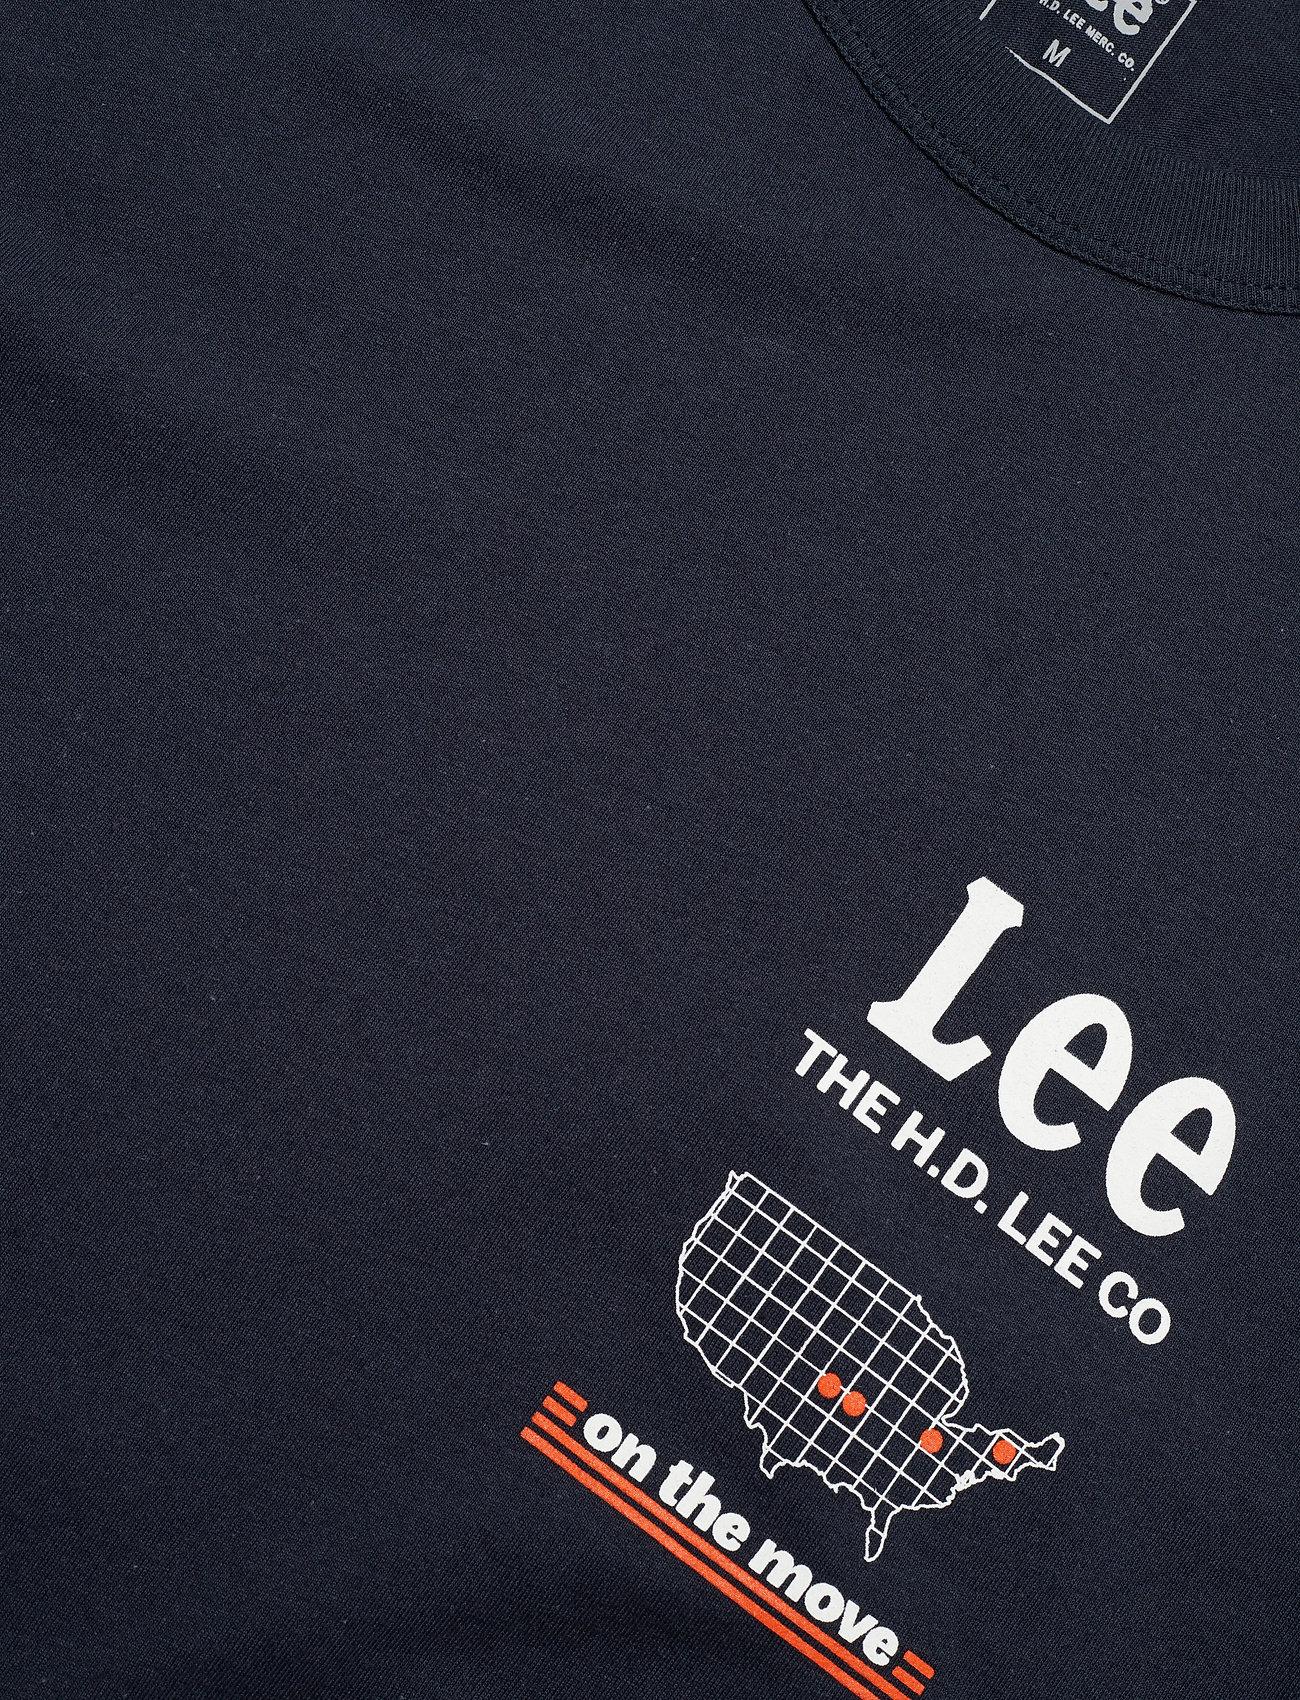 Lee Jeans Road Tee (Midnight Navy) 139.60 kr | Stort utbud av designermärken xKIns7OI